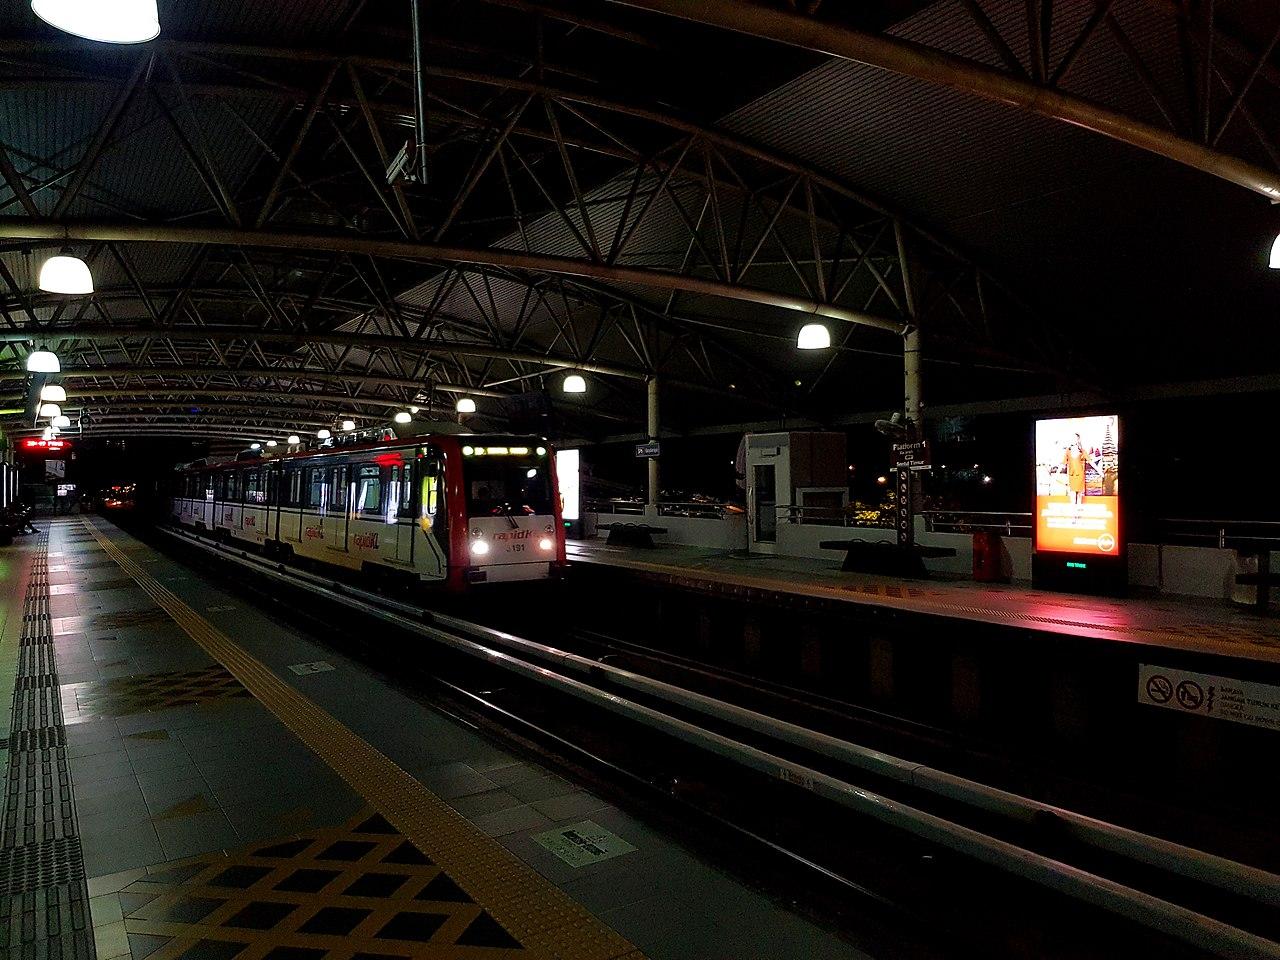 Bandaraya LRT station